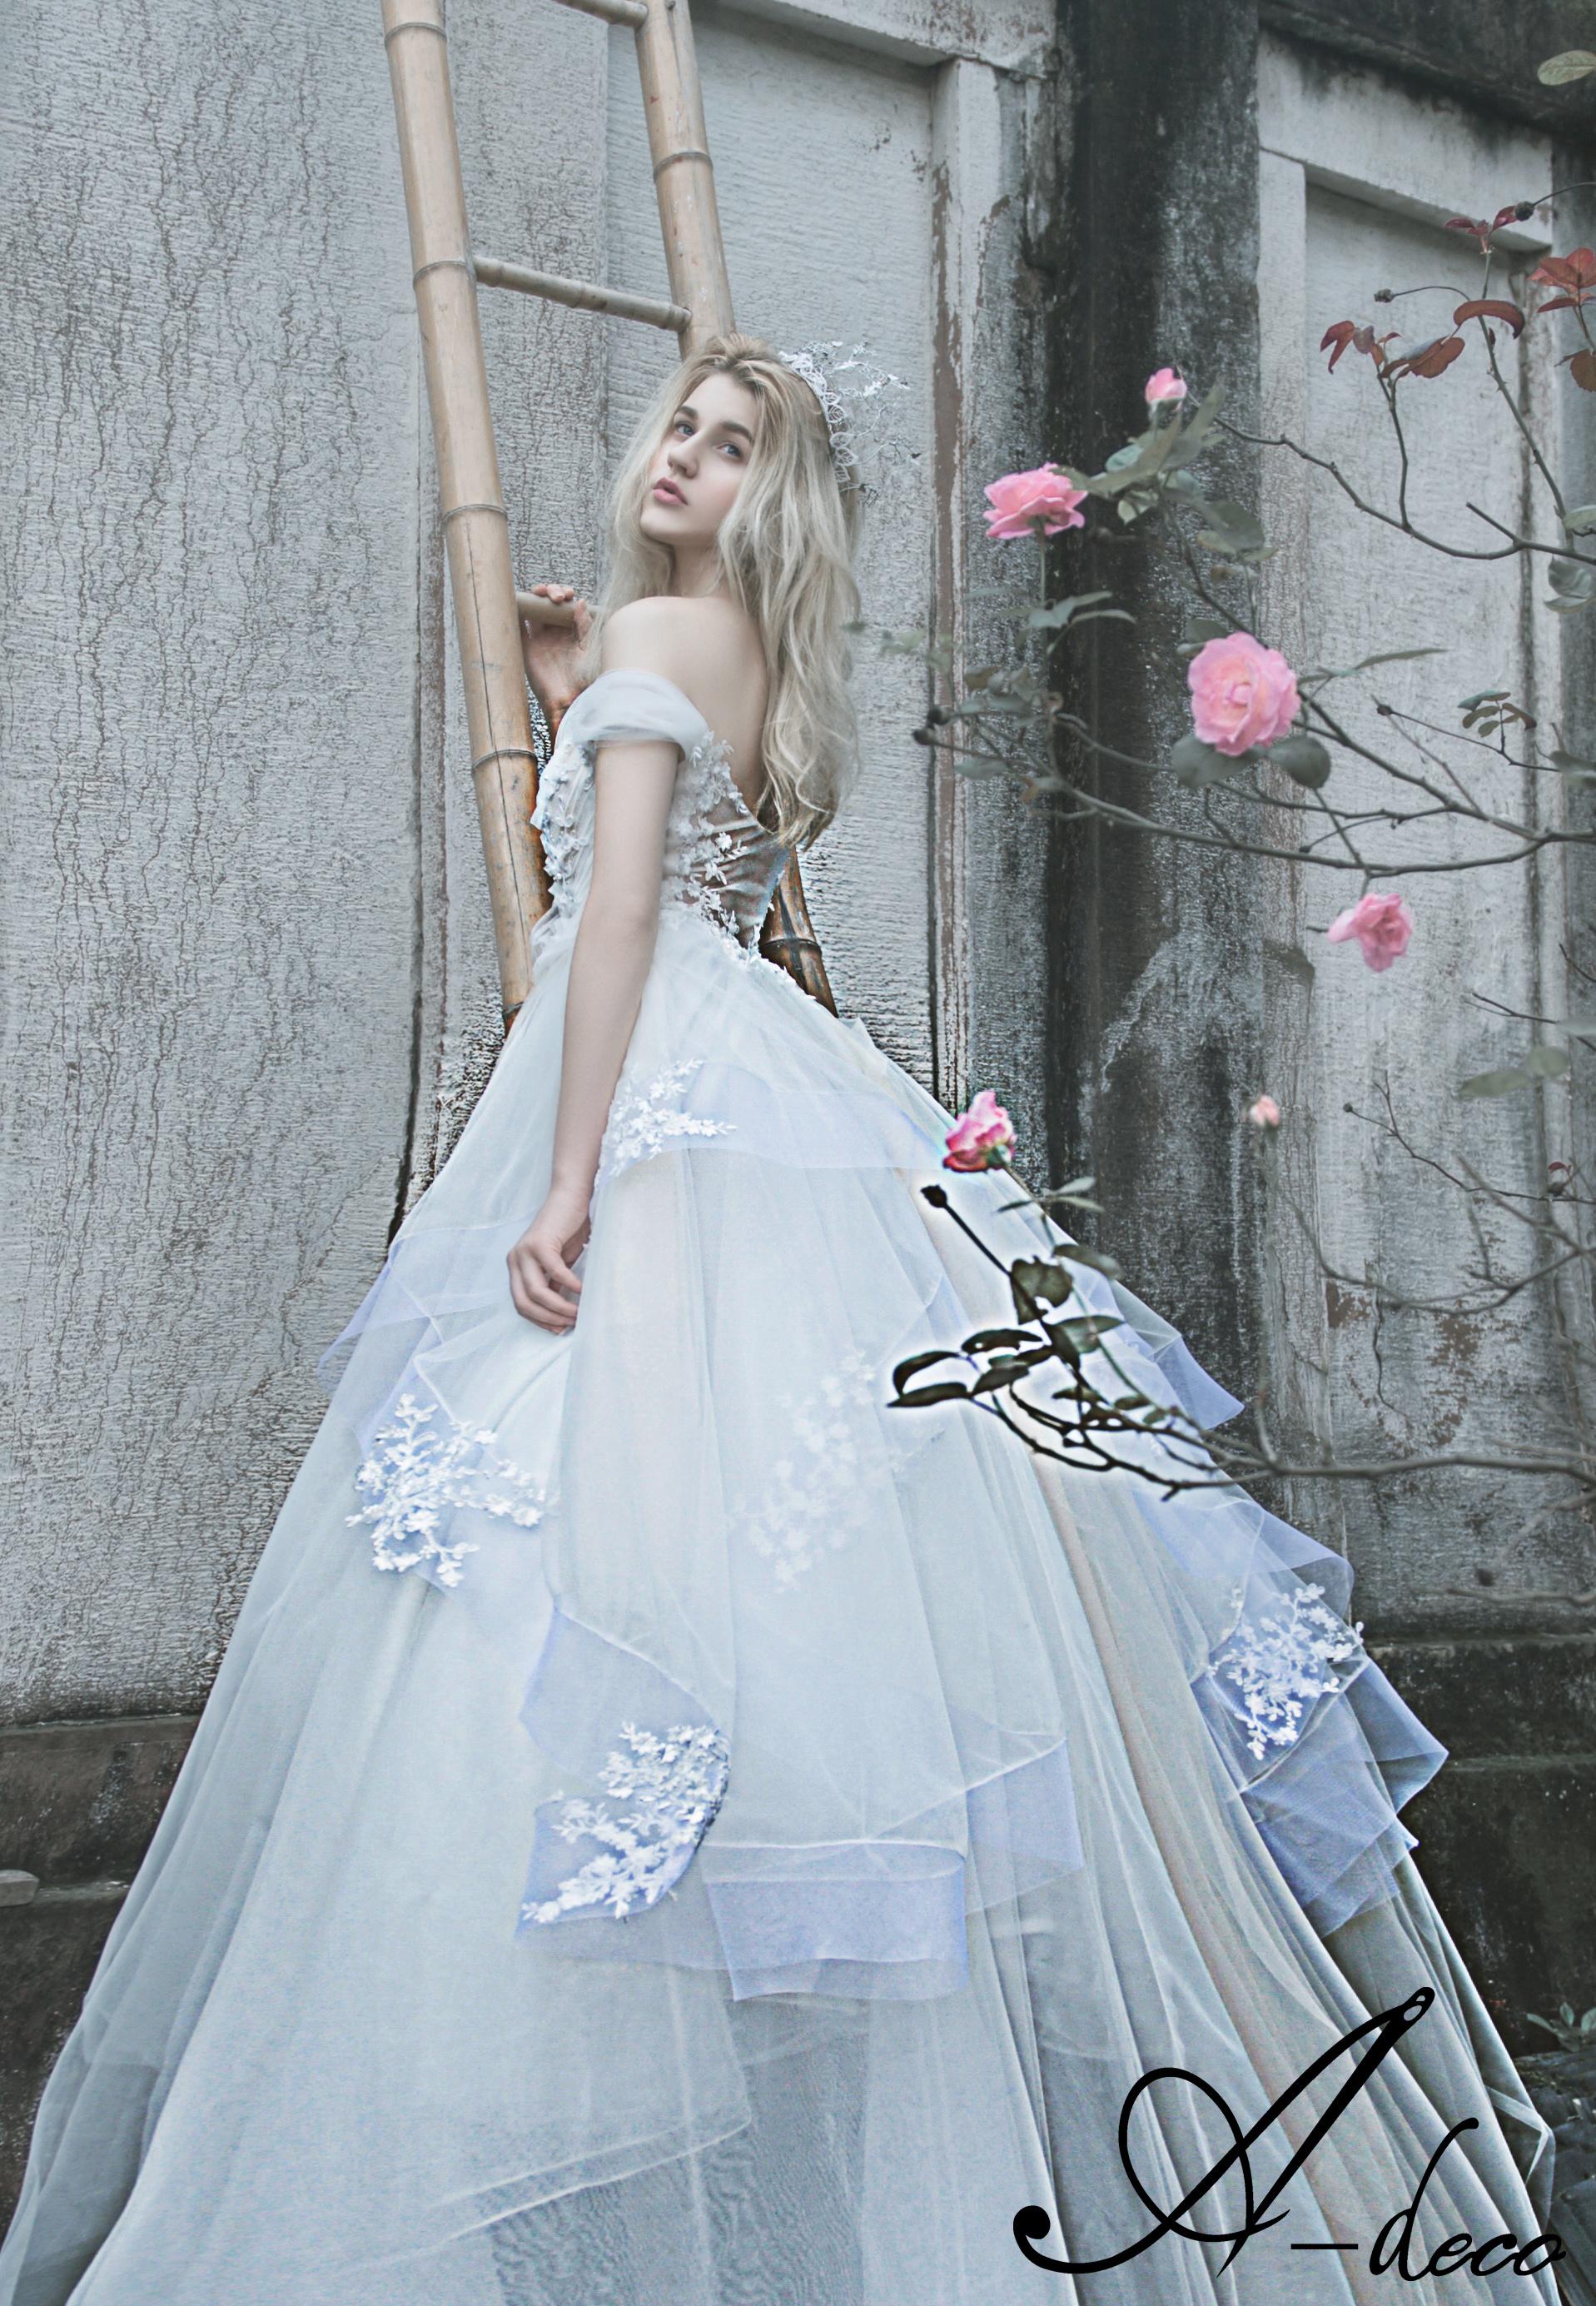 公主婚纱设计师_爱丽丝|服装|正装/礼服|Adeco婚纱礼服 - 原创作品 - 站酷 (ZCOOL)